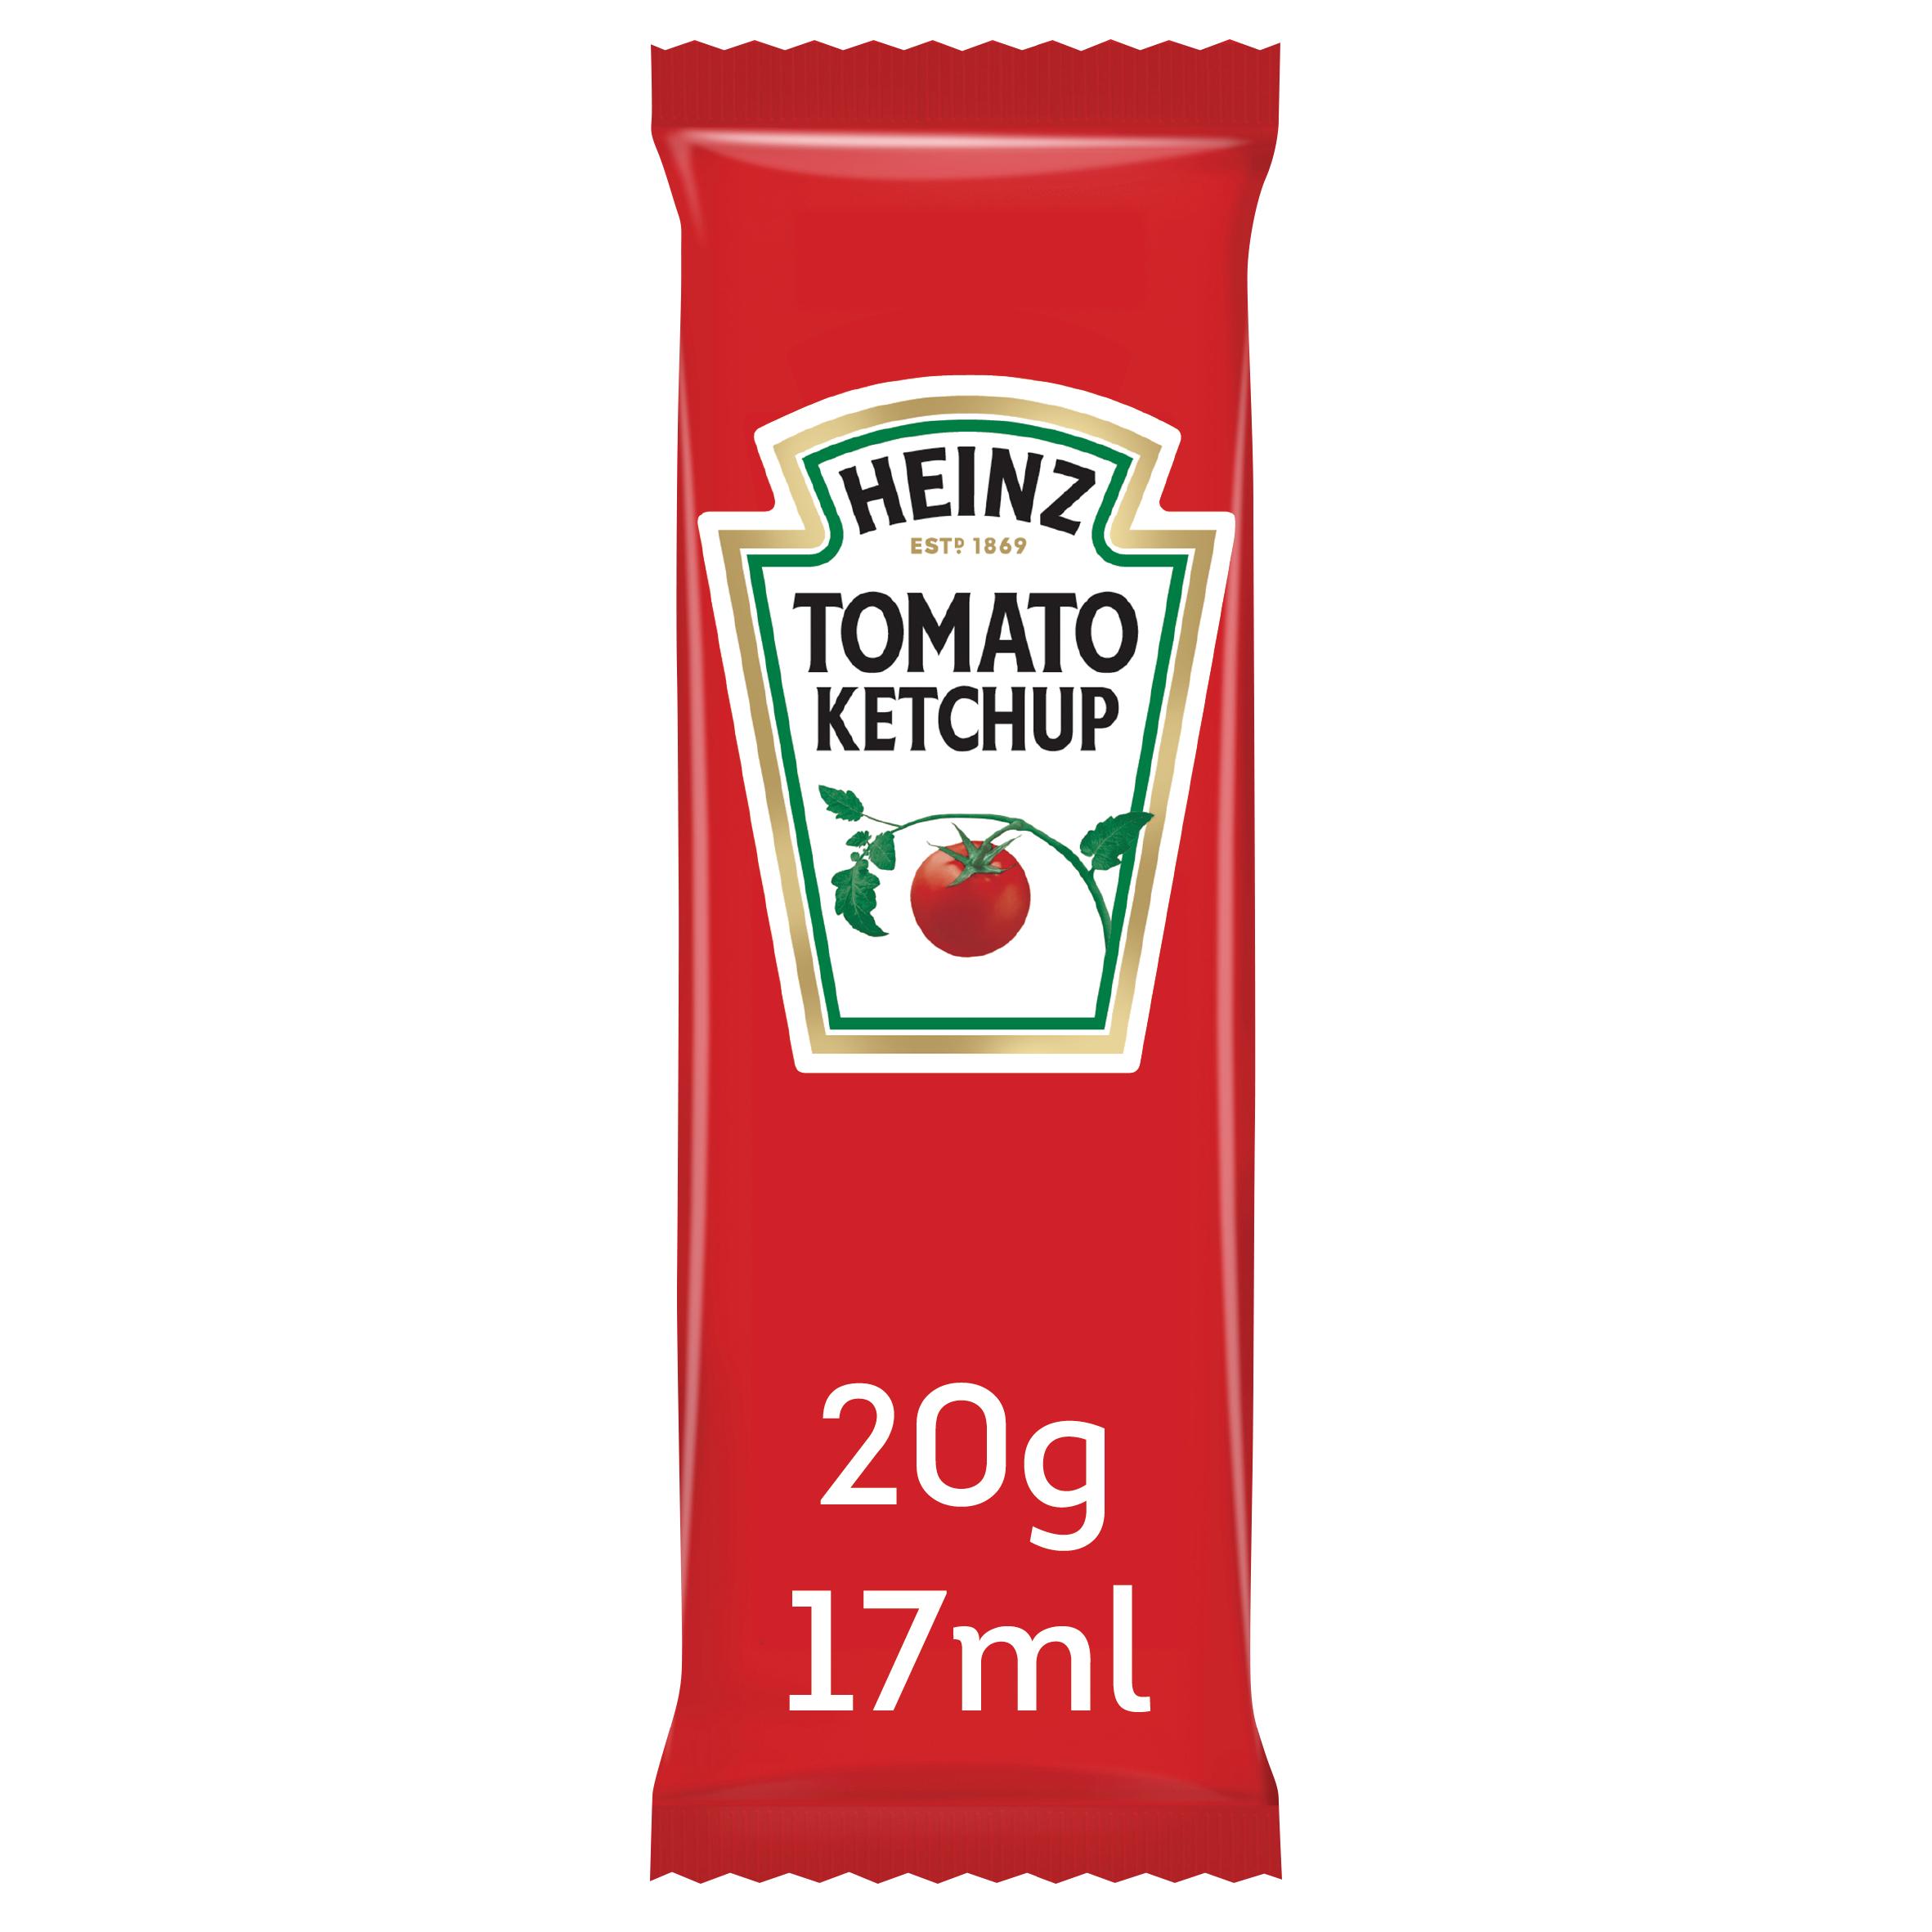 Ketchup Heinz 17ml saszetka image